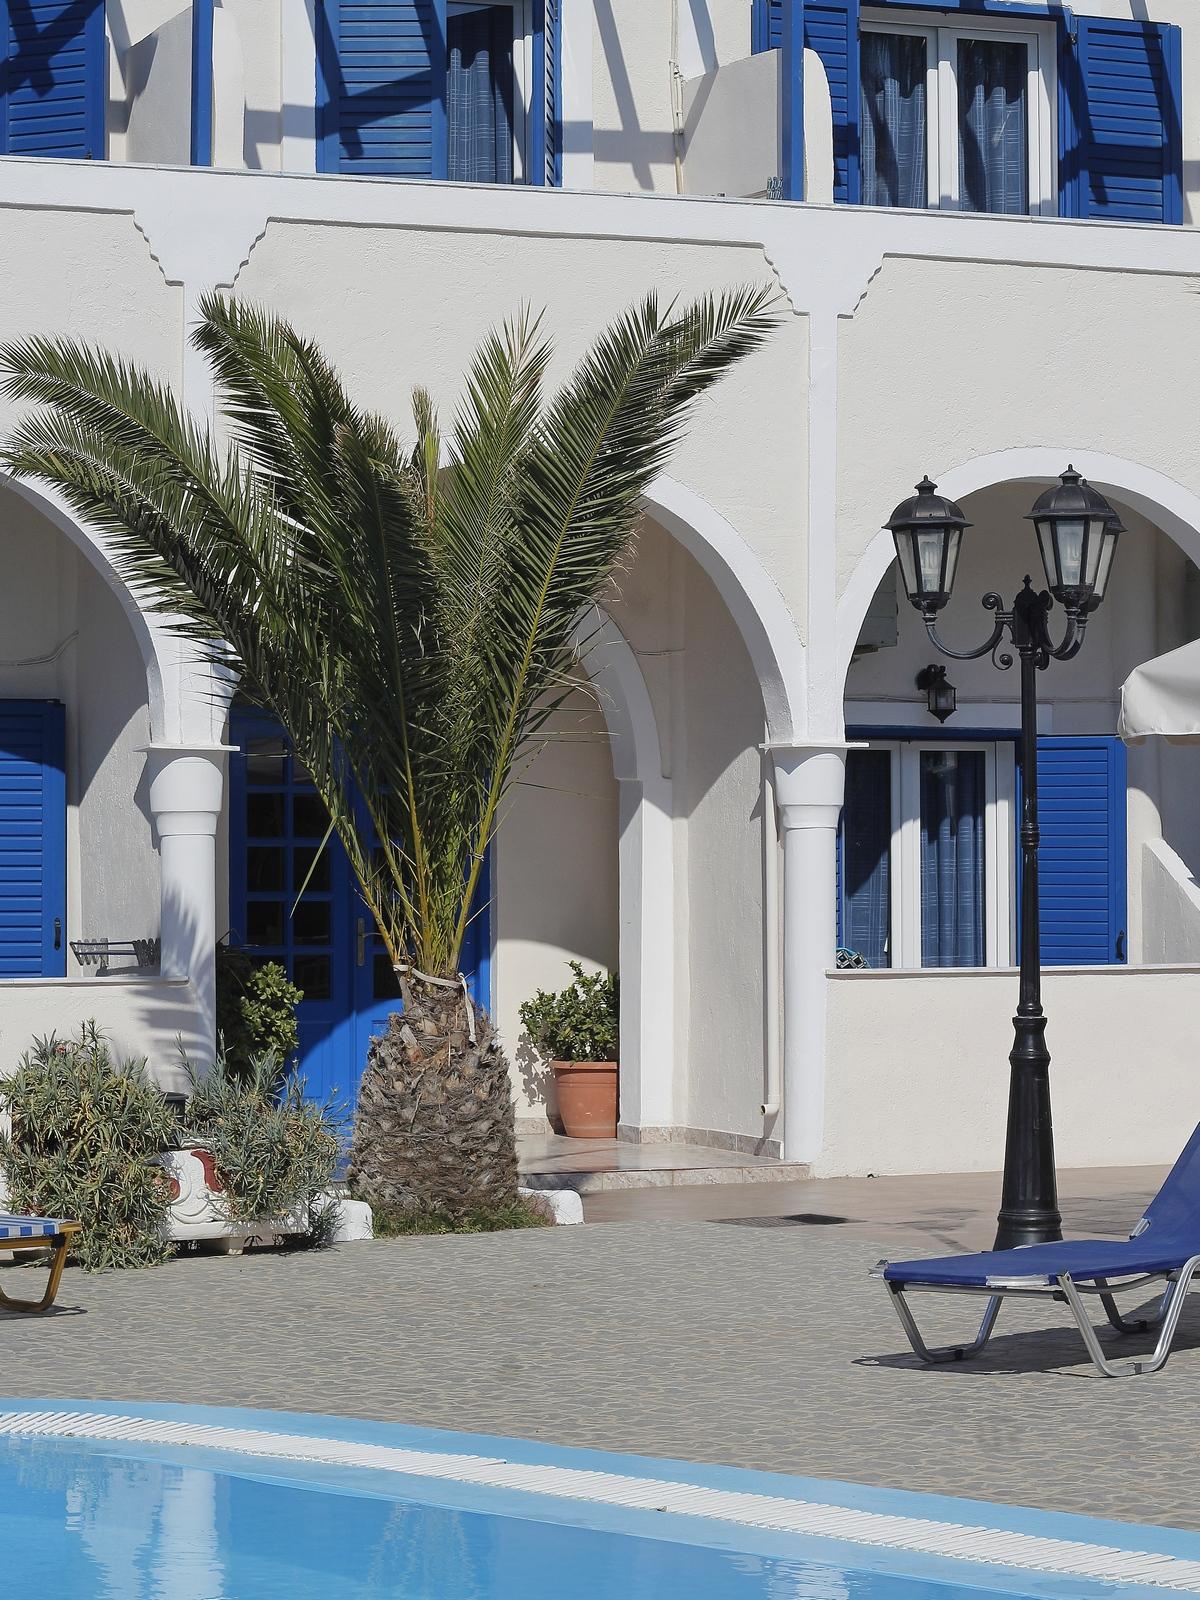 villa ilios - fira - santorin - hôtel pas cher - appartement hôtel - petit prix - booking - vacances - logement